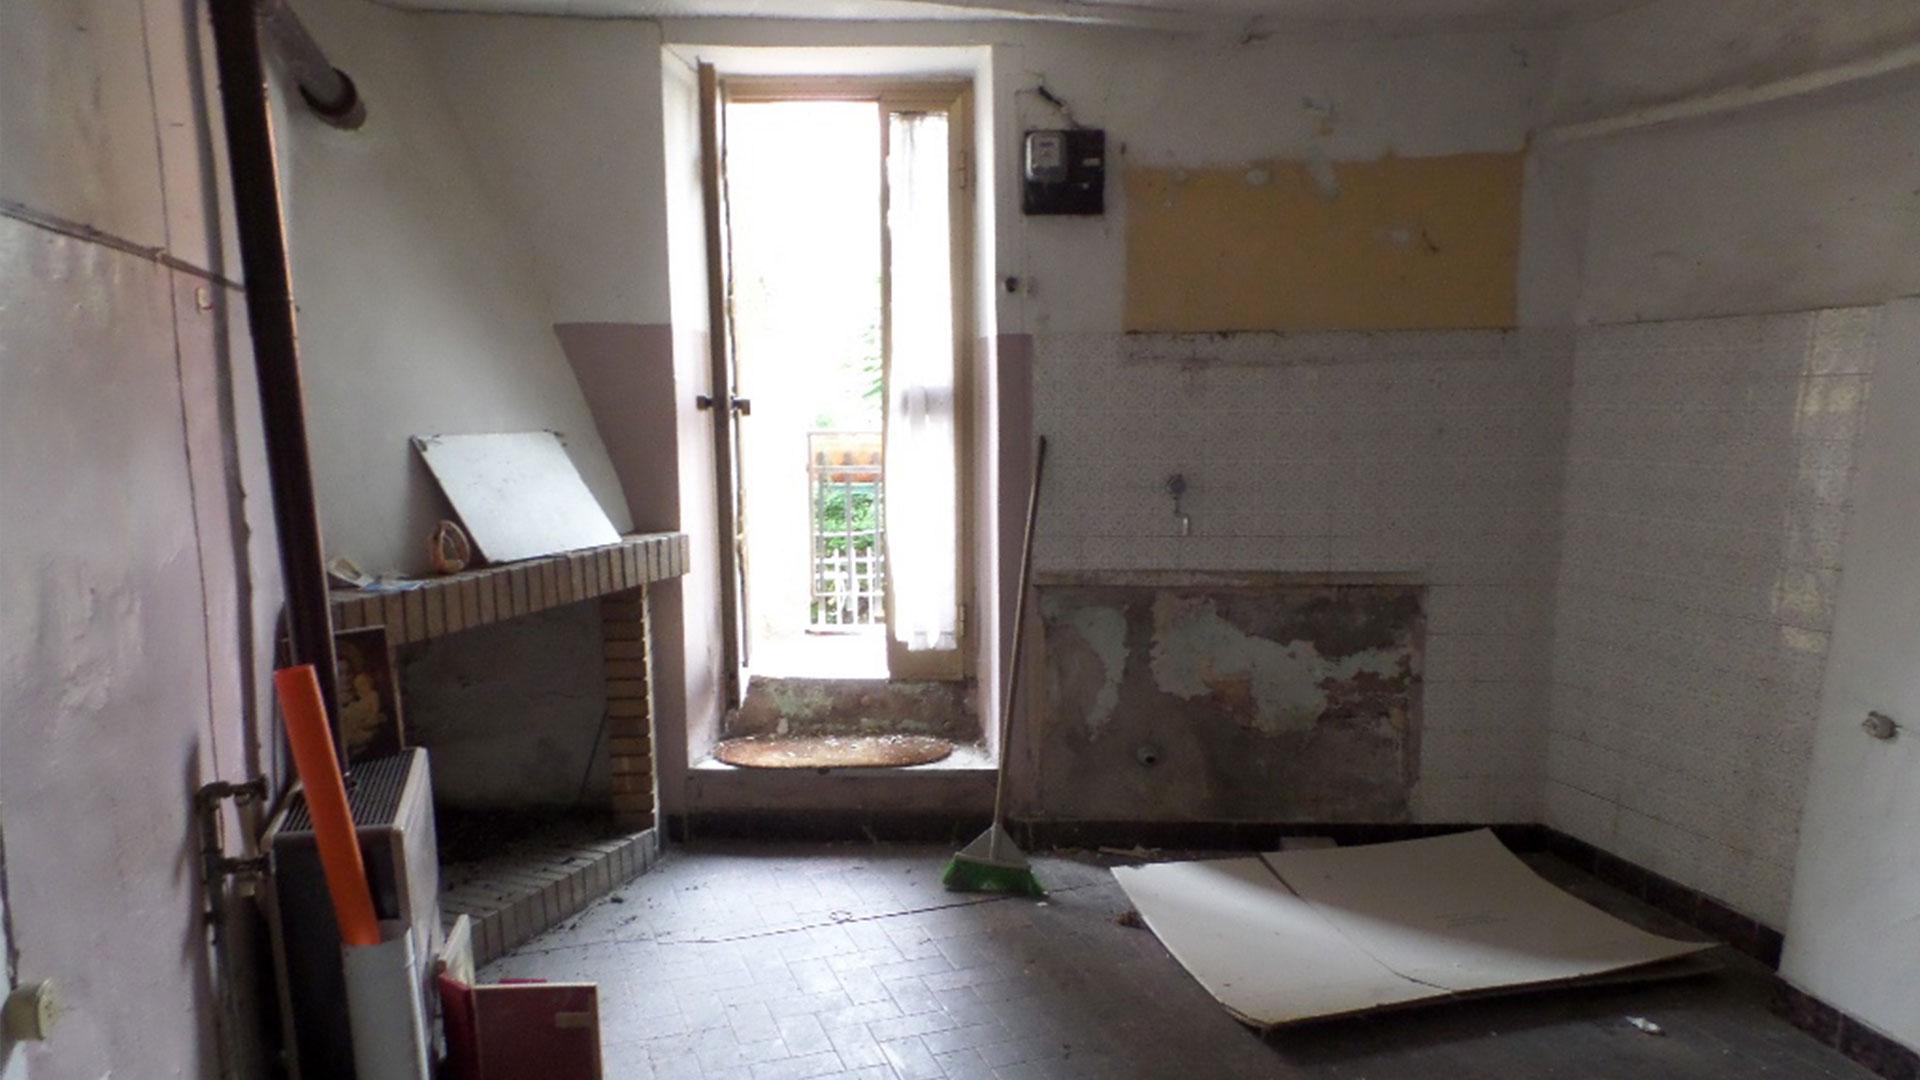 Aumento Valore Immobile Ristrutturato restauro immobili in sardegna - home sale & renovation in